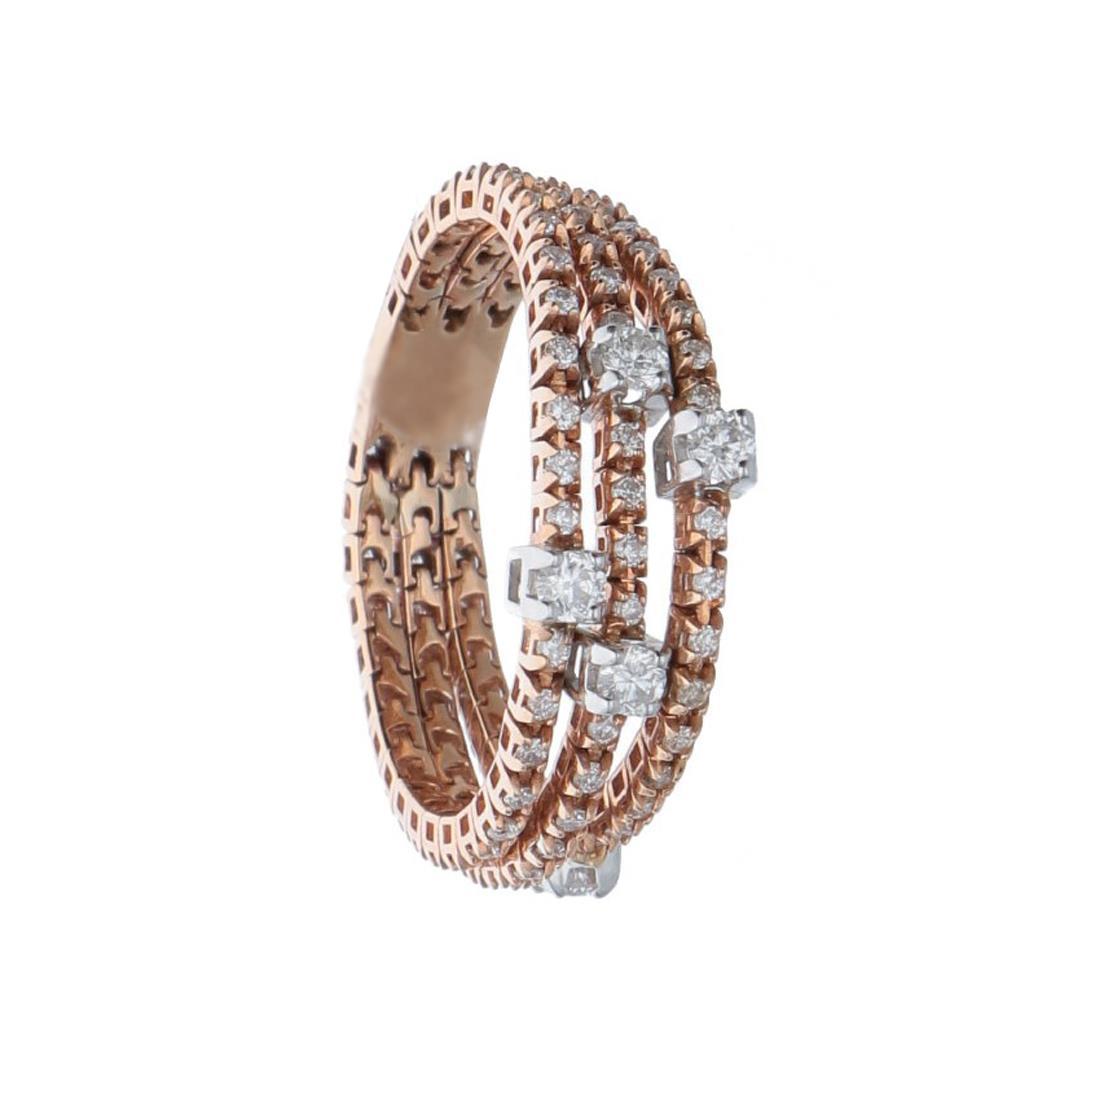 Anello semirigido in oro rosa e diamanti ct 0,65 - ALFIERI ST JOHN